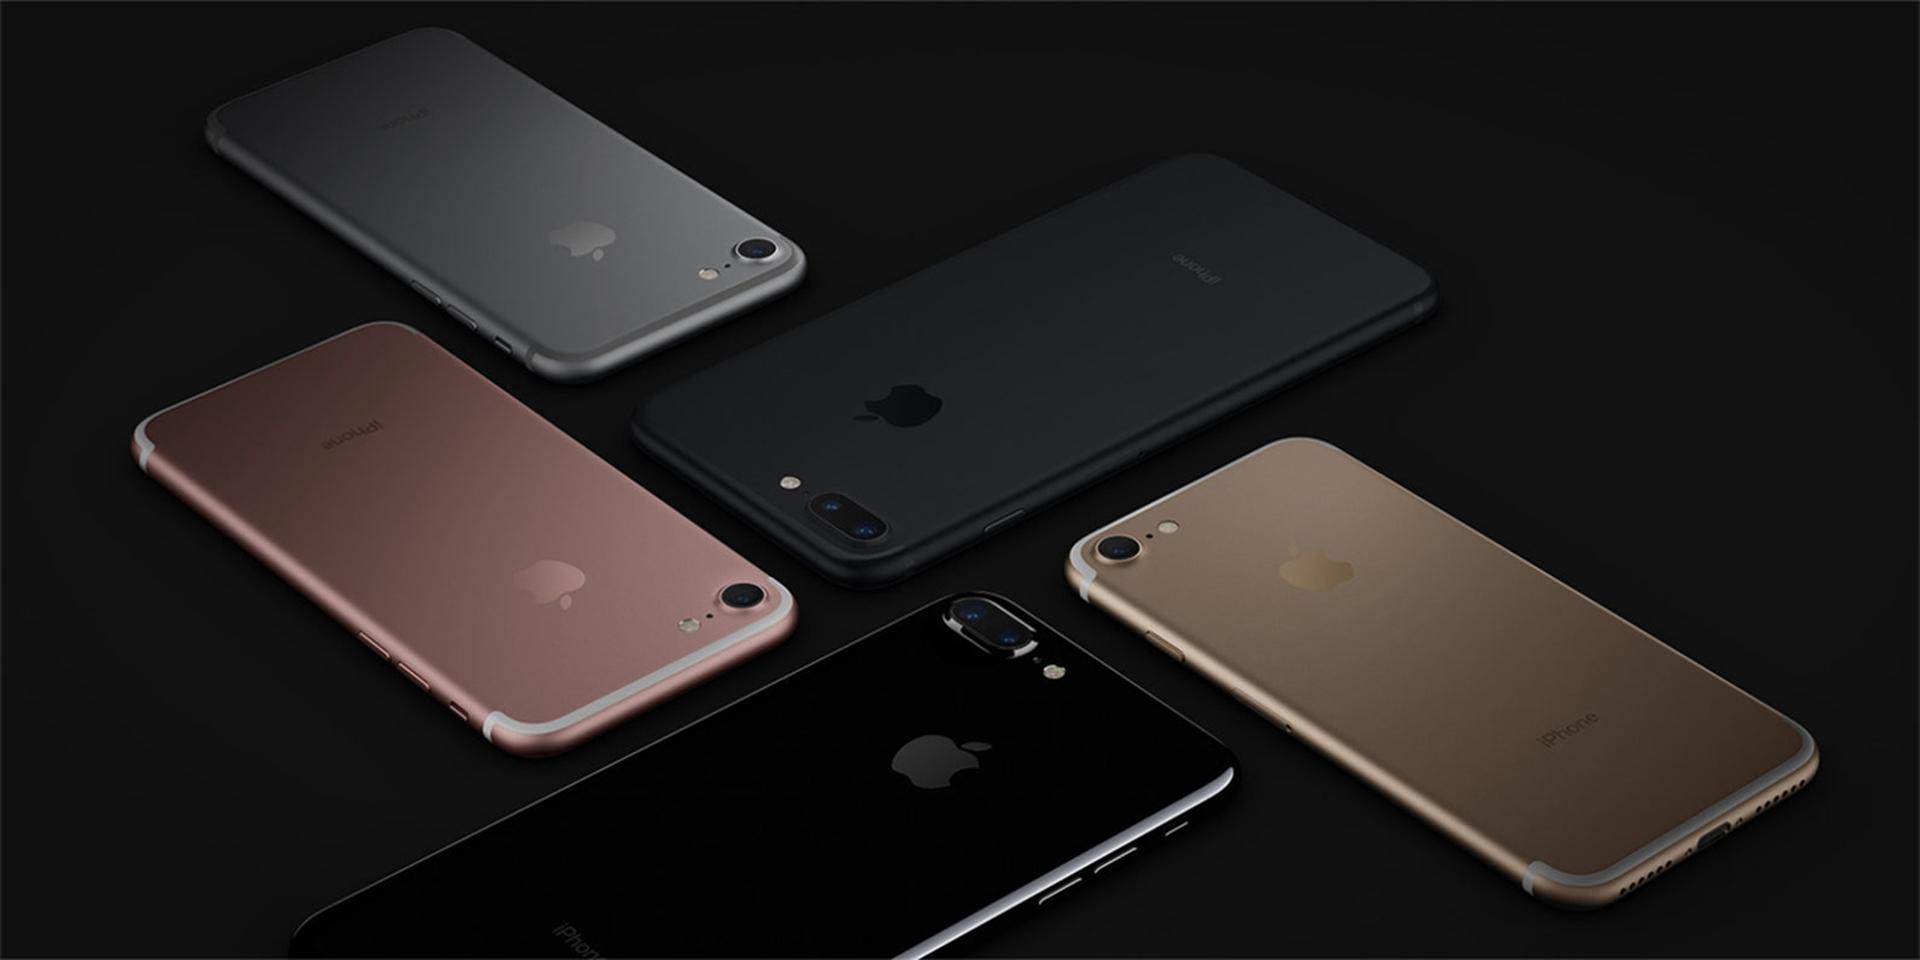 Какой Айфон лучше купить в 2021 году цена качество